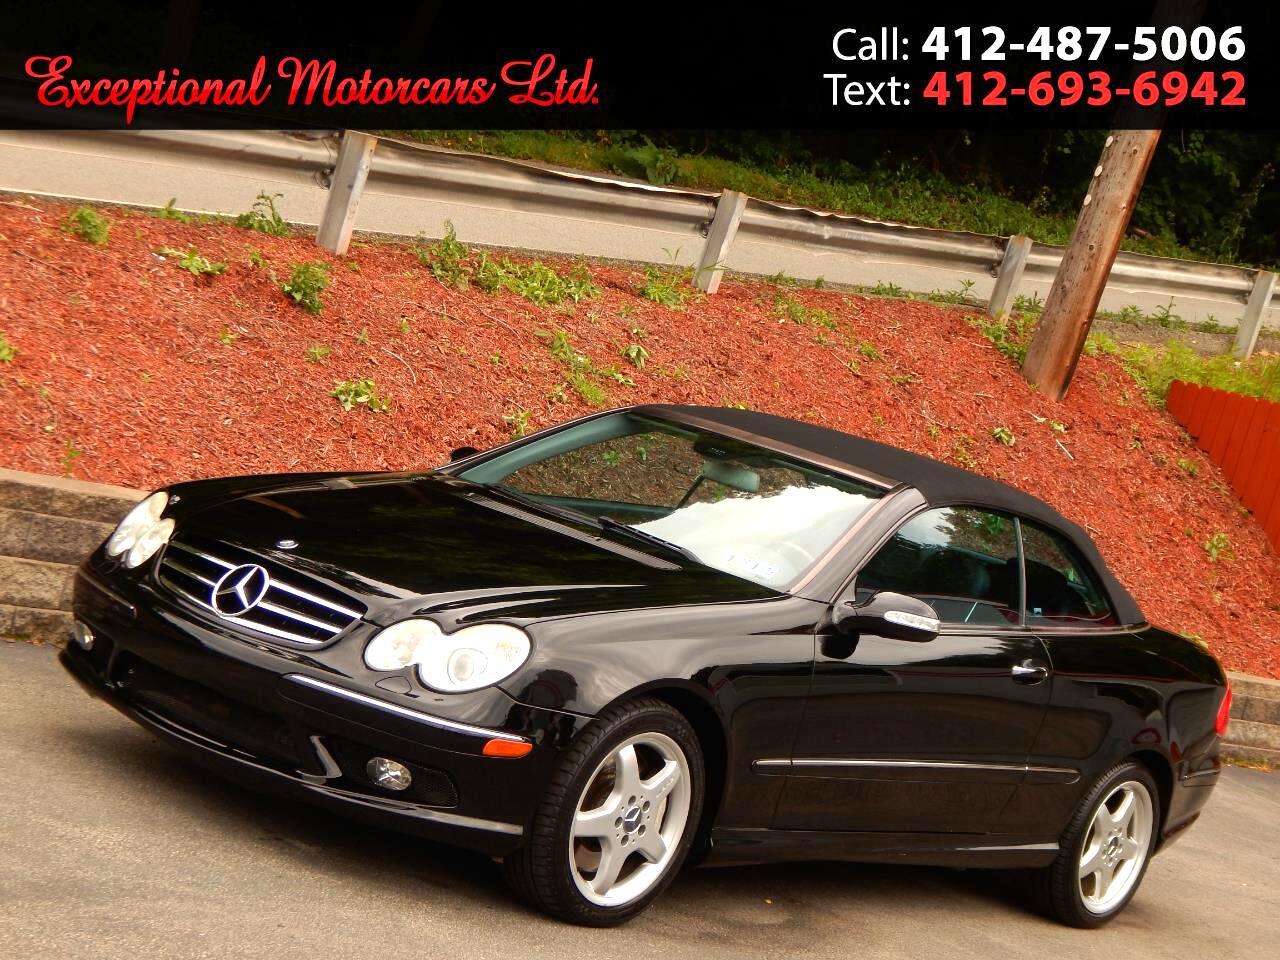 2004 Mercedes-Benz CLK-Class 2dr Cabriolet 5.0L